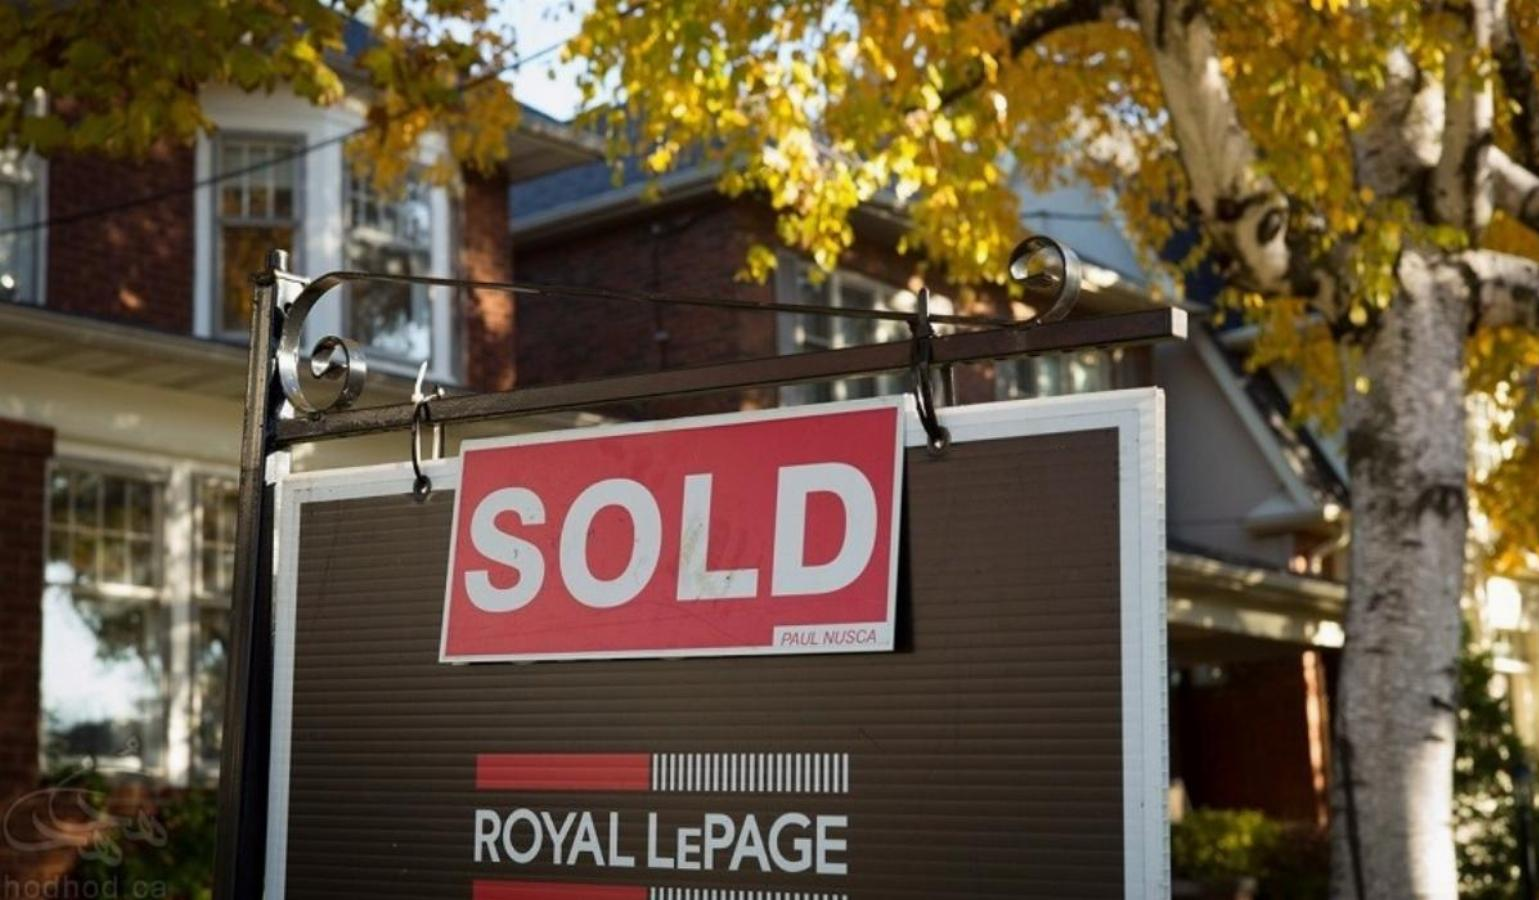 ثبت رکورد فروش املاک مسکونی در کانادا